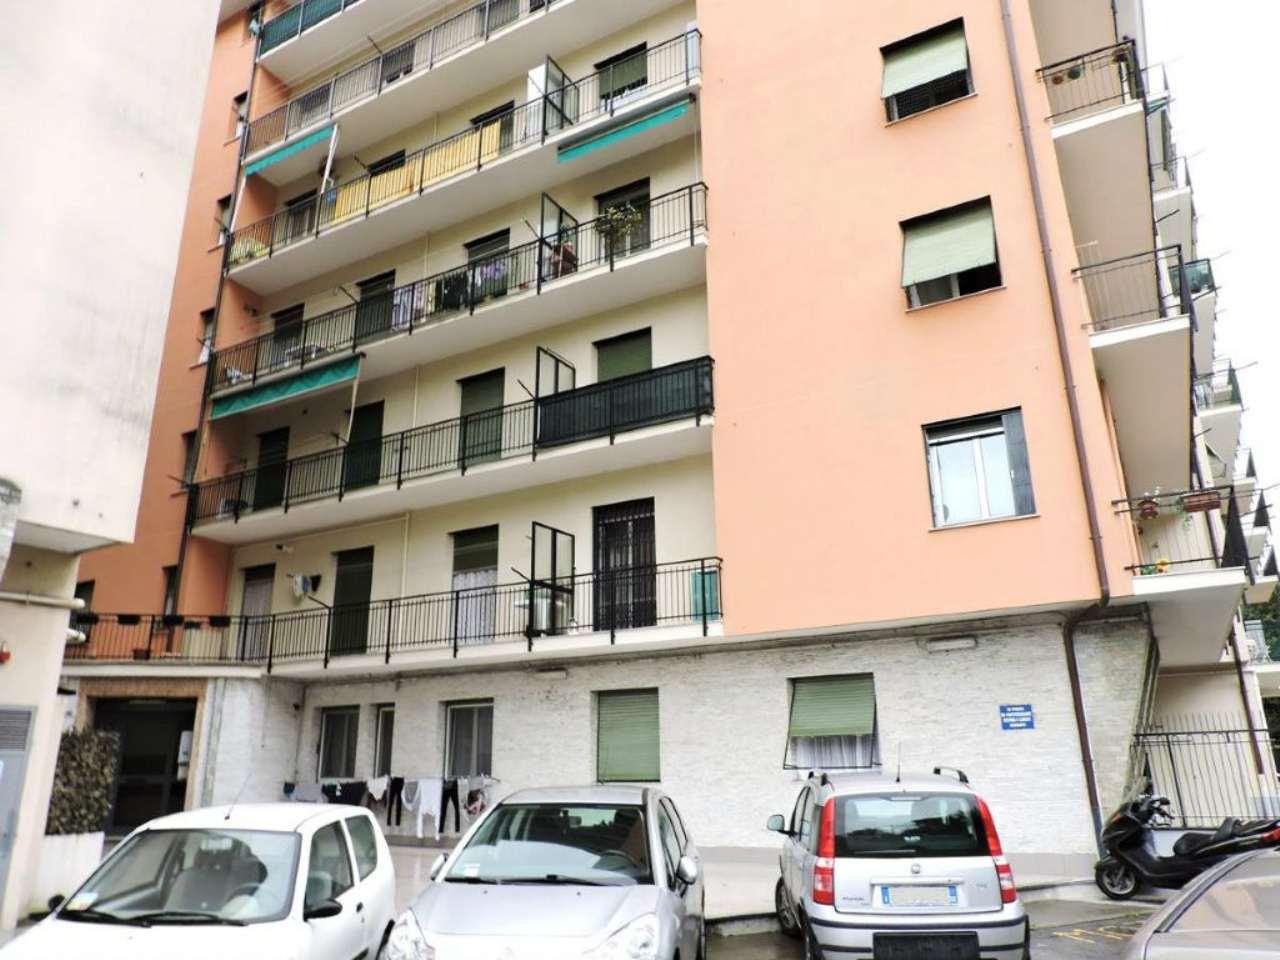 Appartamento in vendita a Campomorone, 3 locali, prezzo € 108.000 | Cambio Casa.it